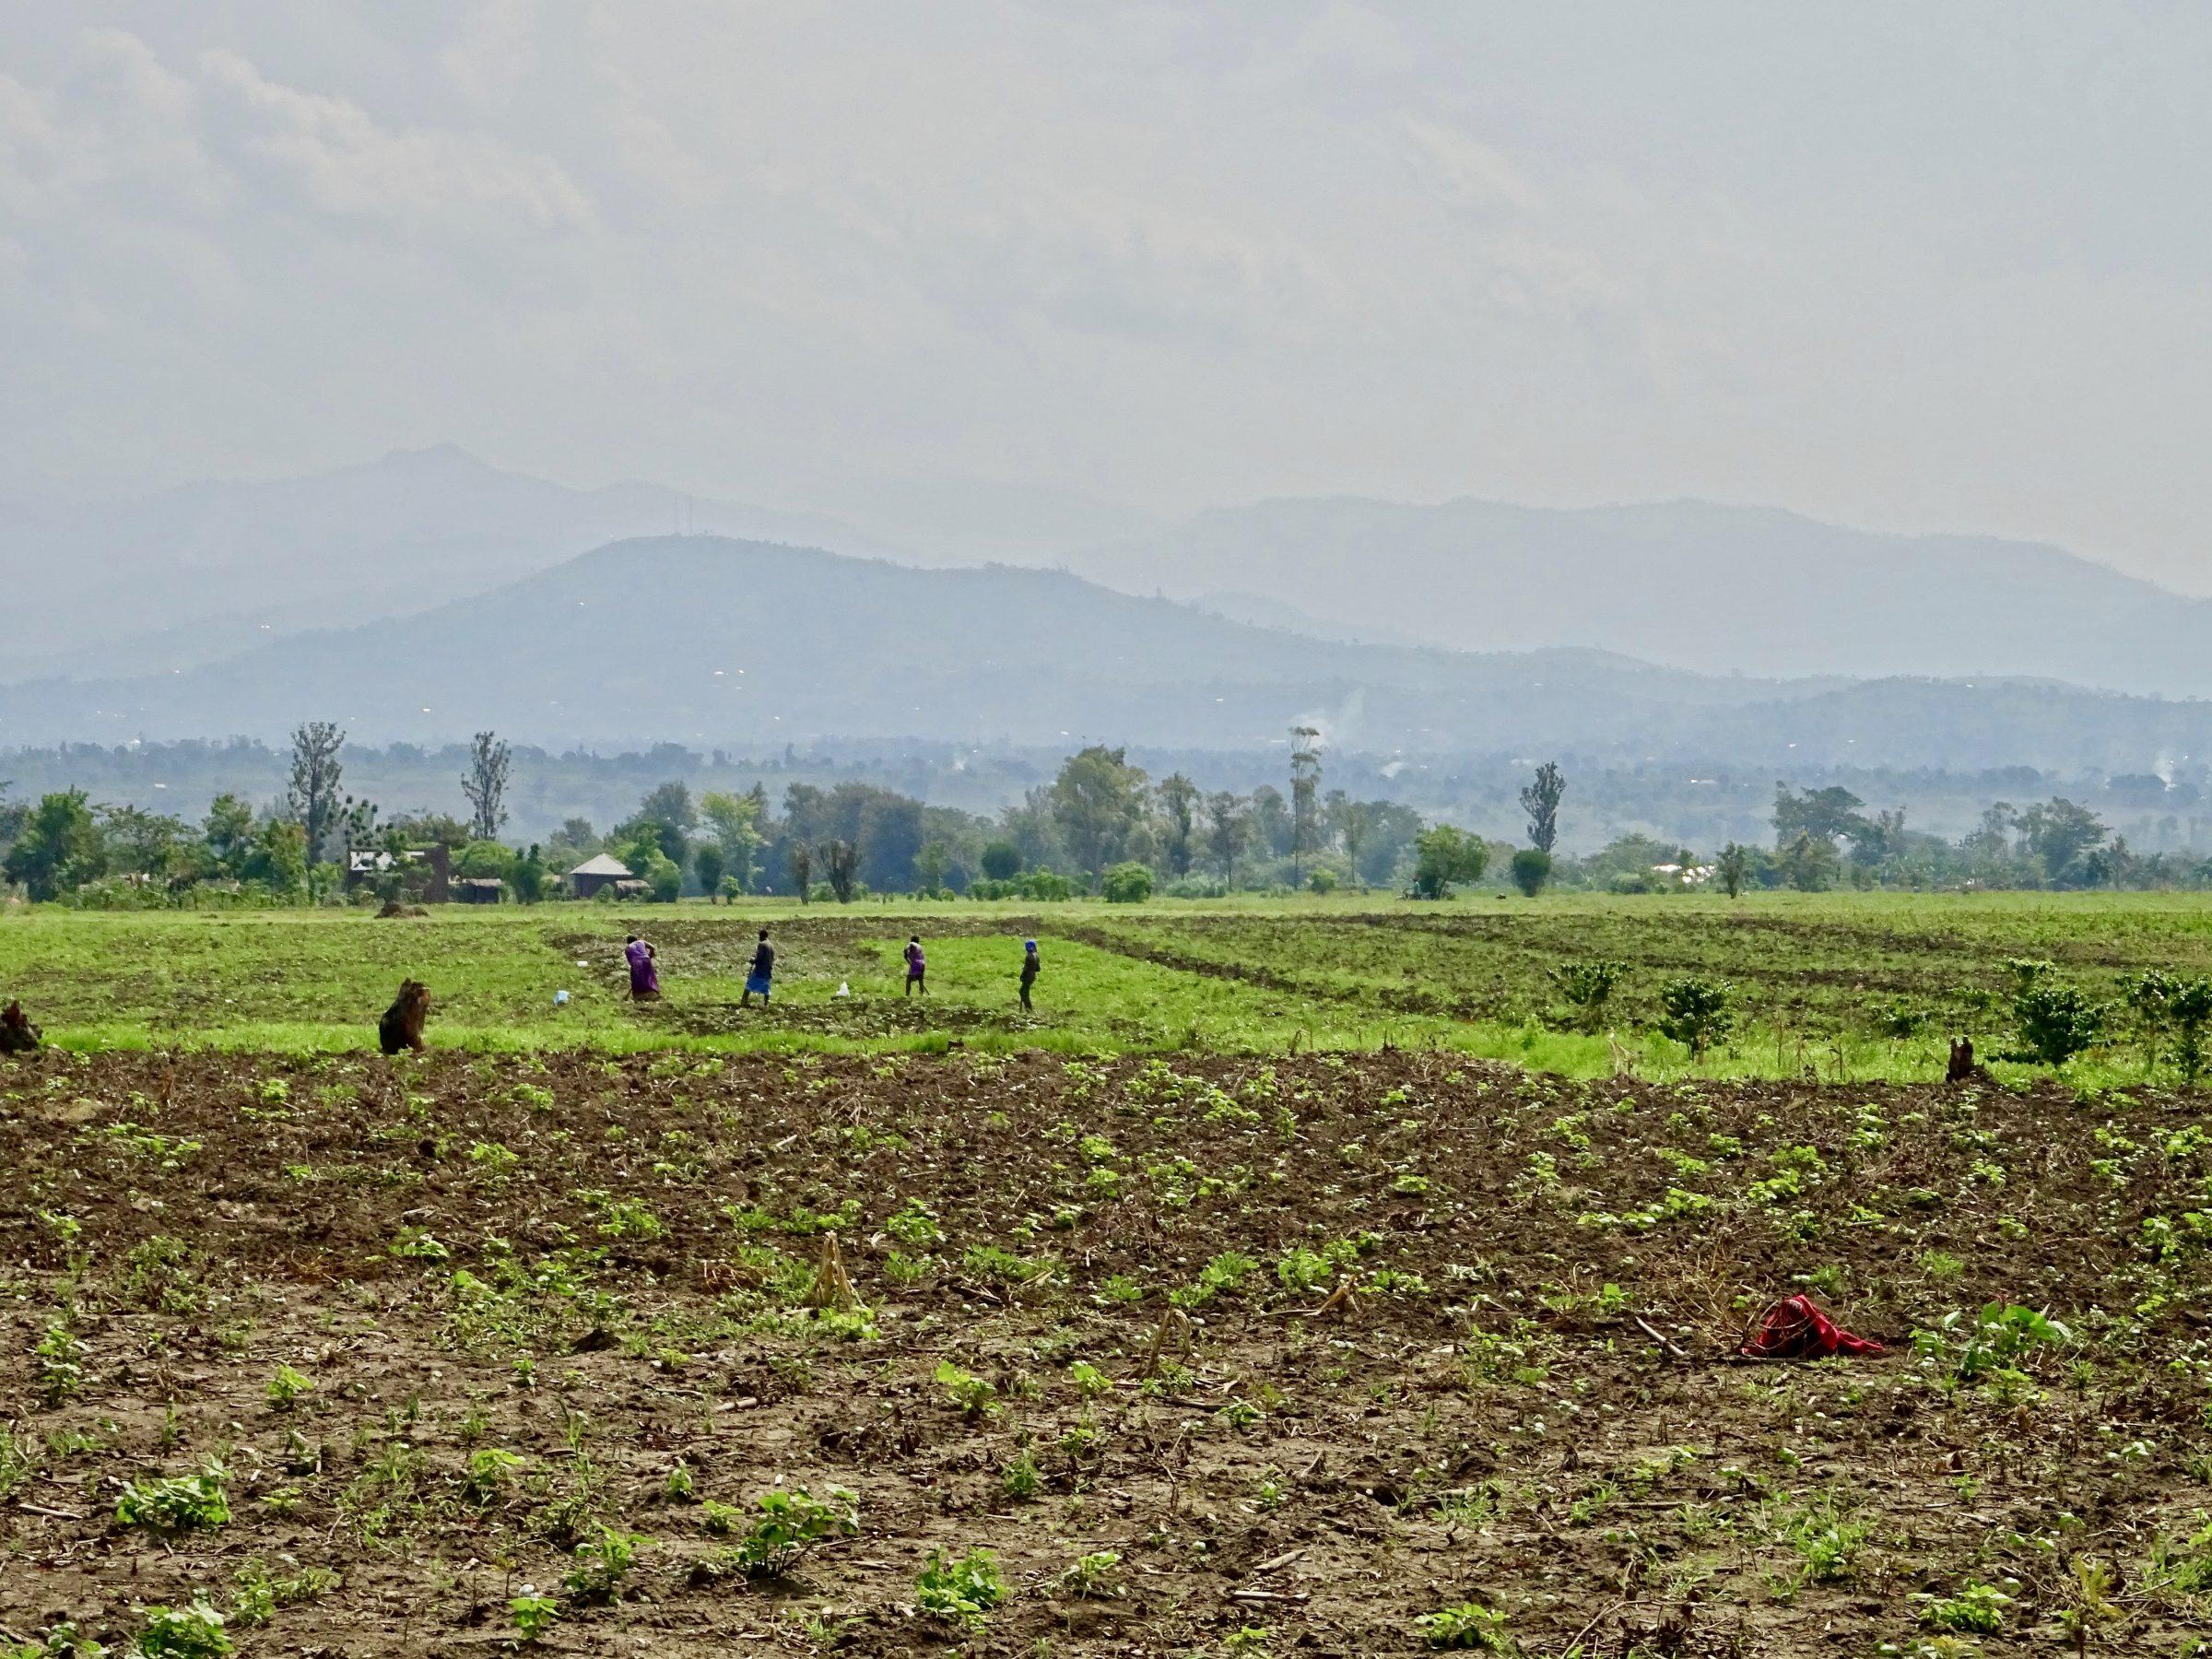 Landarbeiders met op de achtergrond het Ruwenzori gebergte